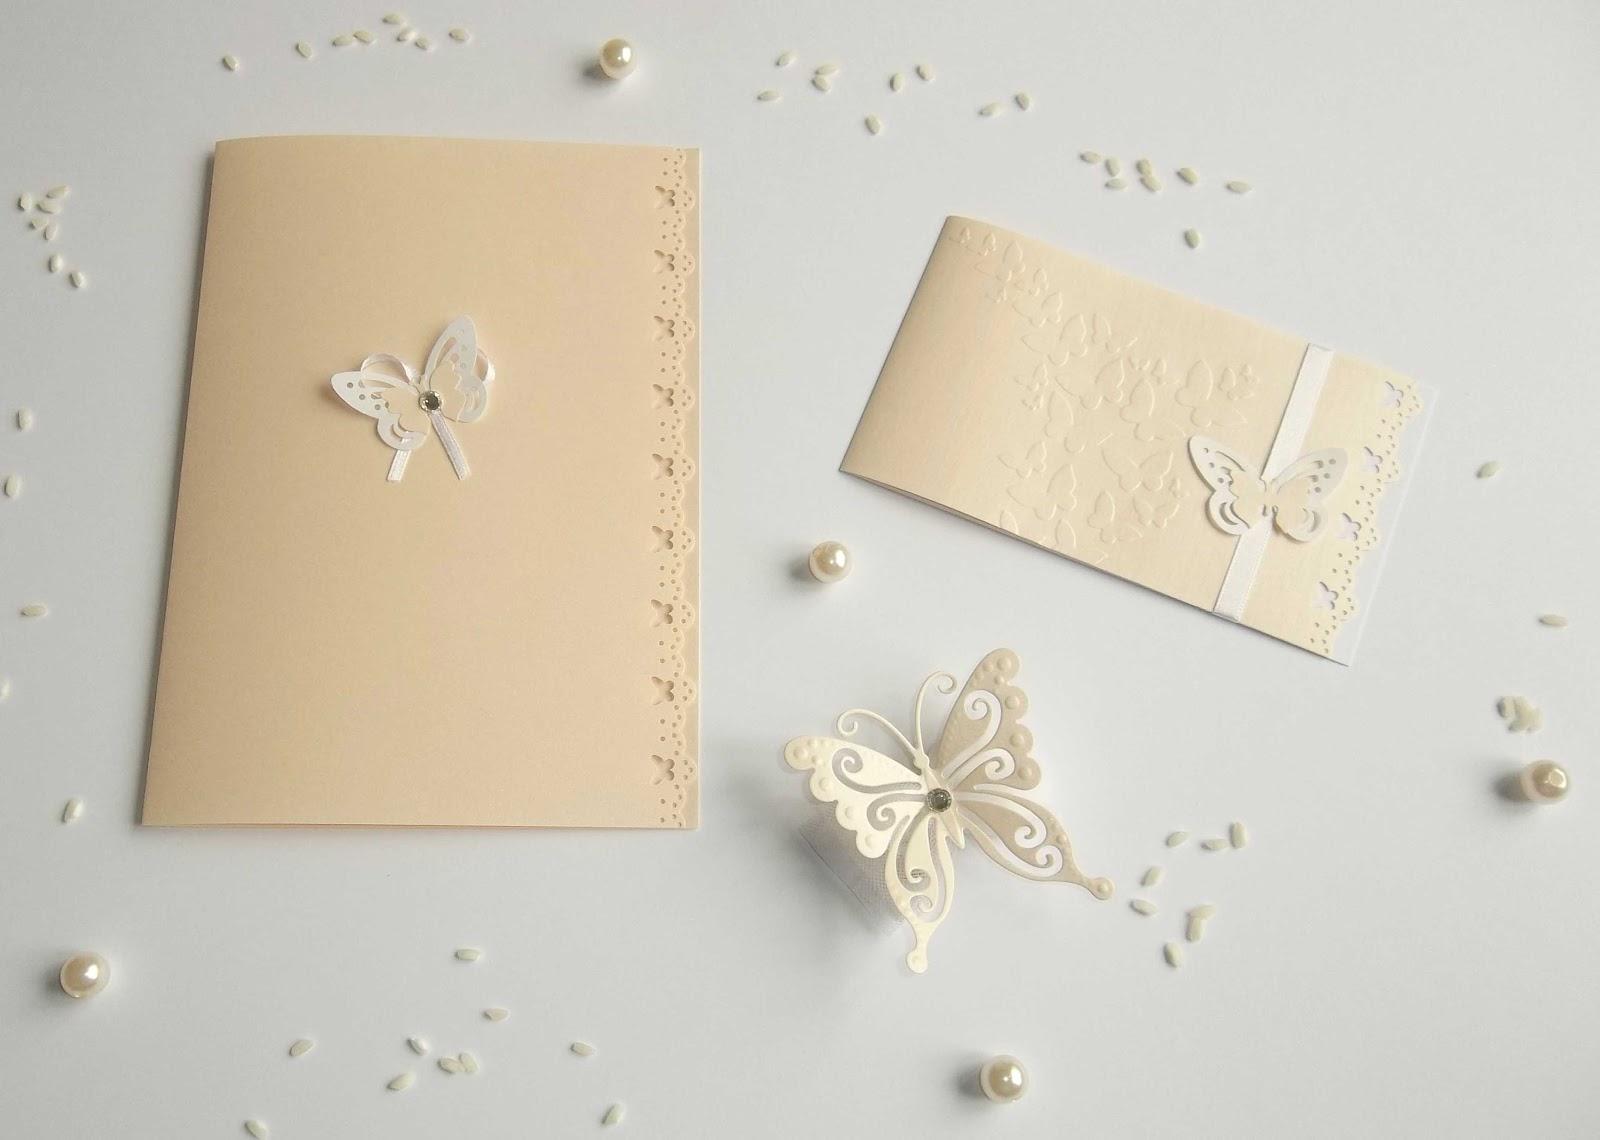 ... bombonira, con elegante farfalla color cipria, con punto luce bianco